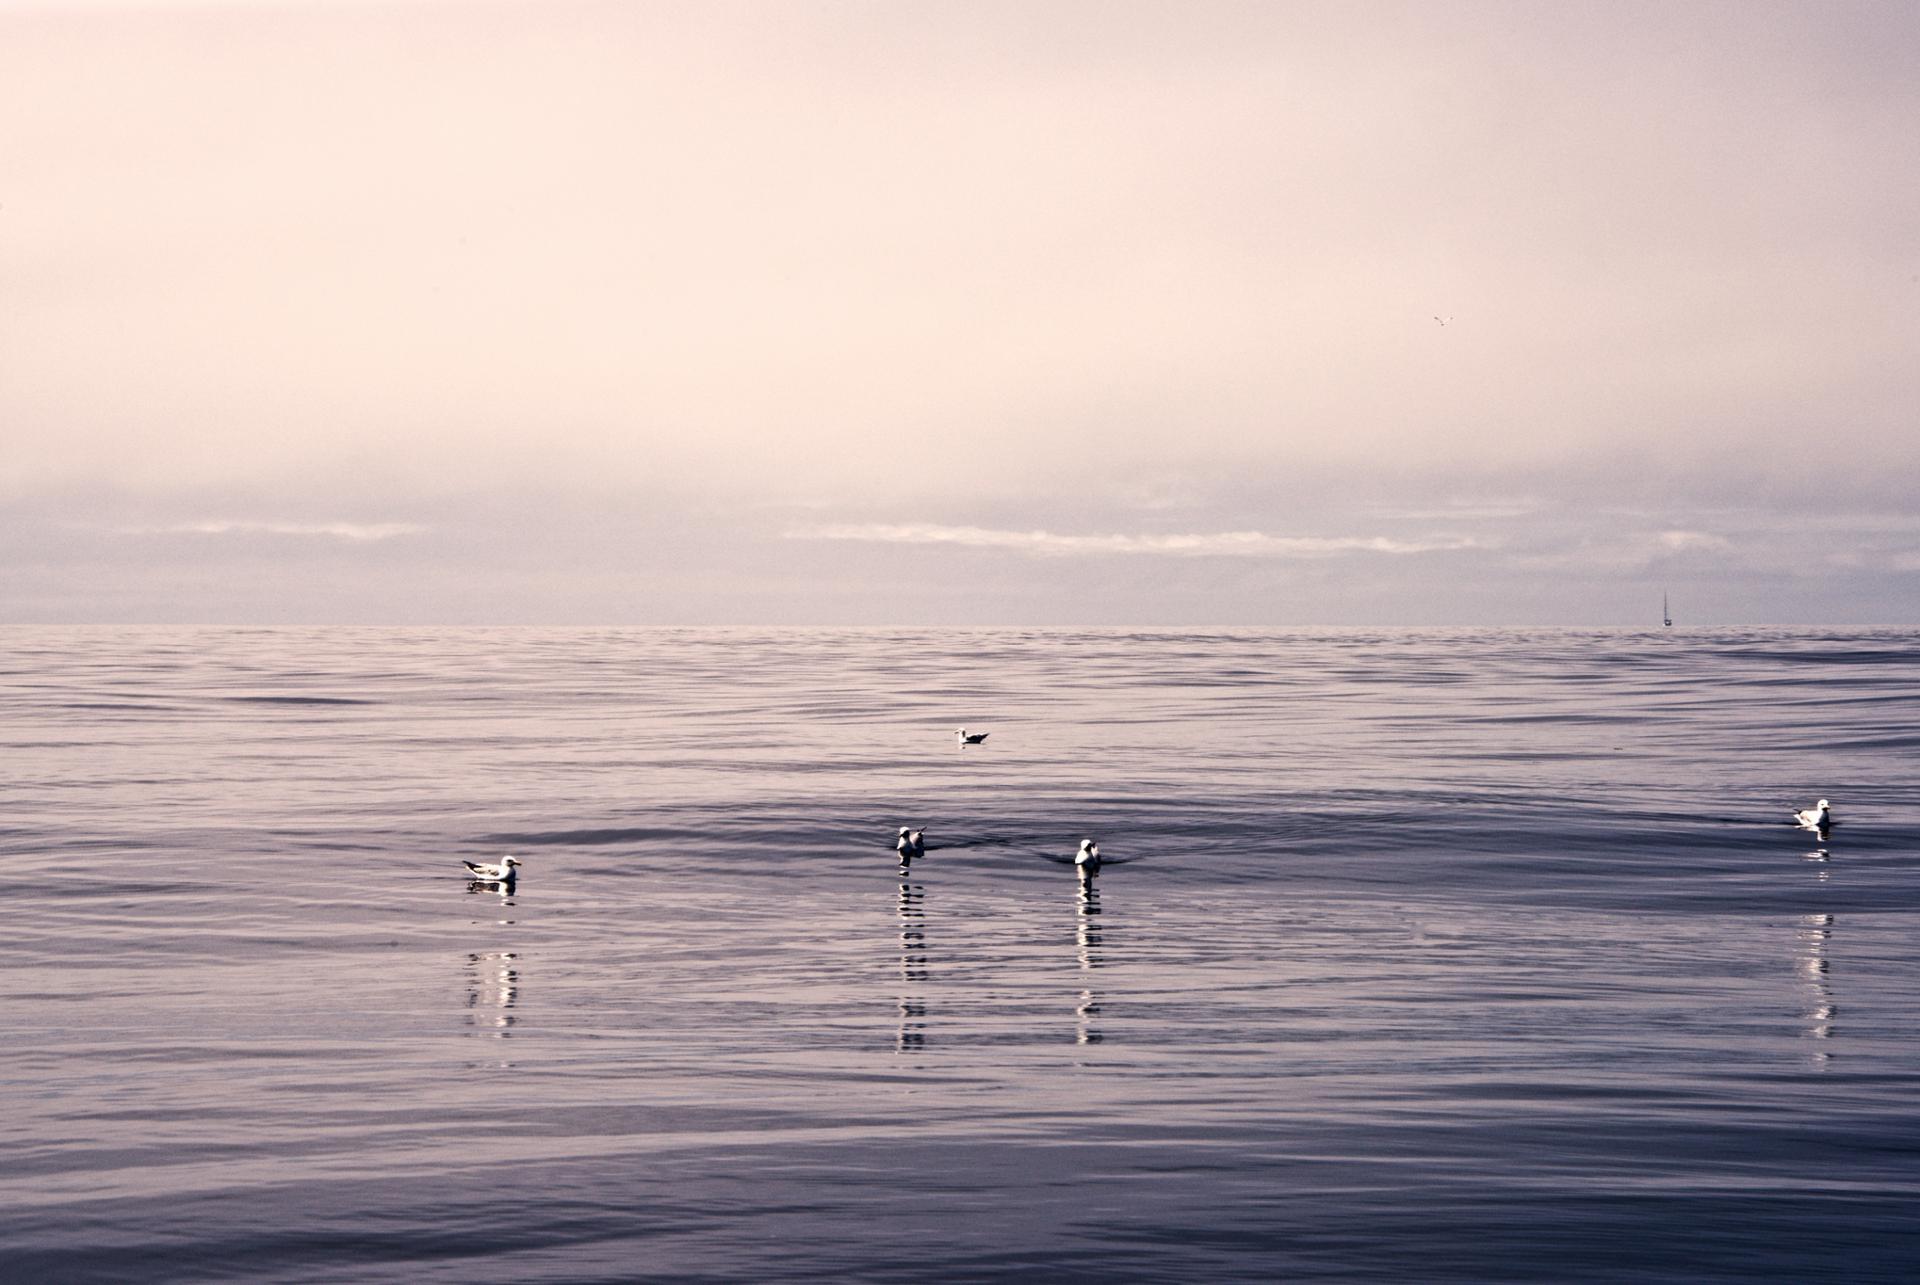 Arrive un moment où l'on ne voit plus la côte